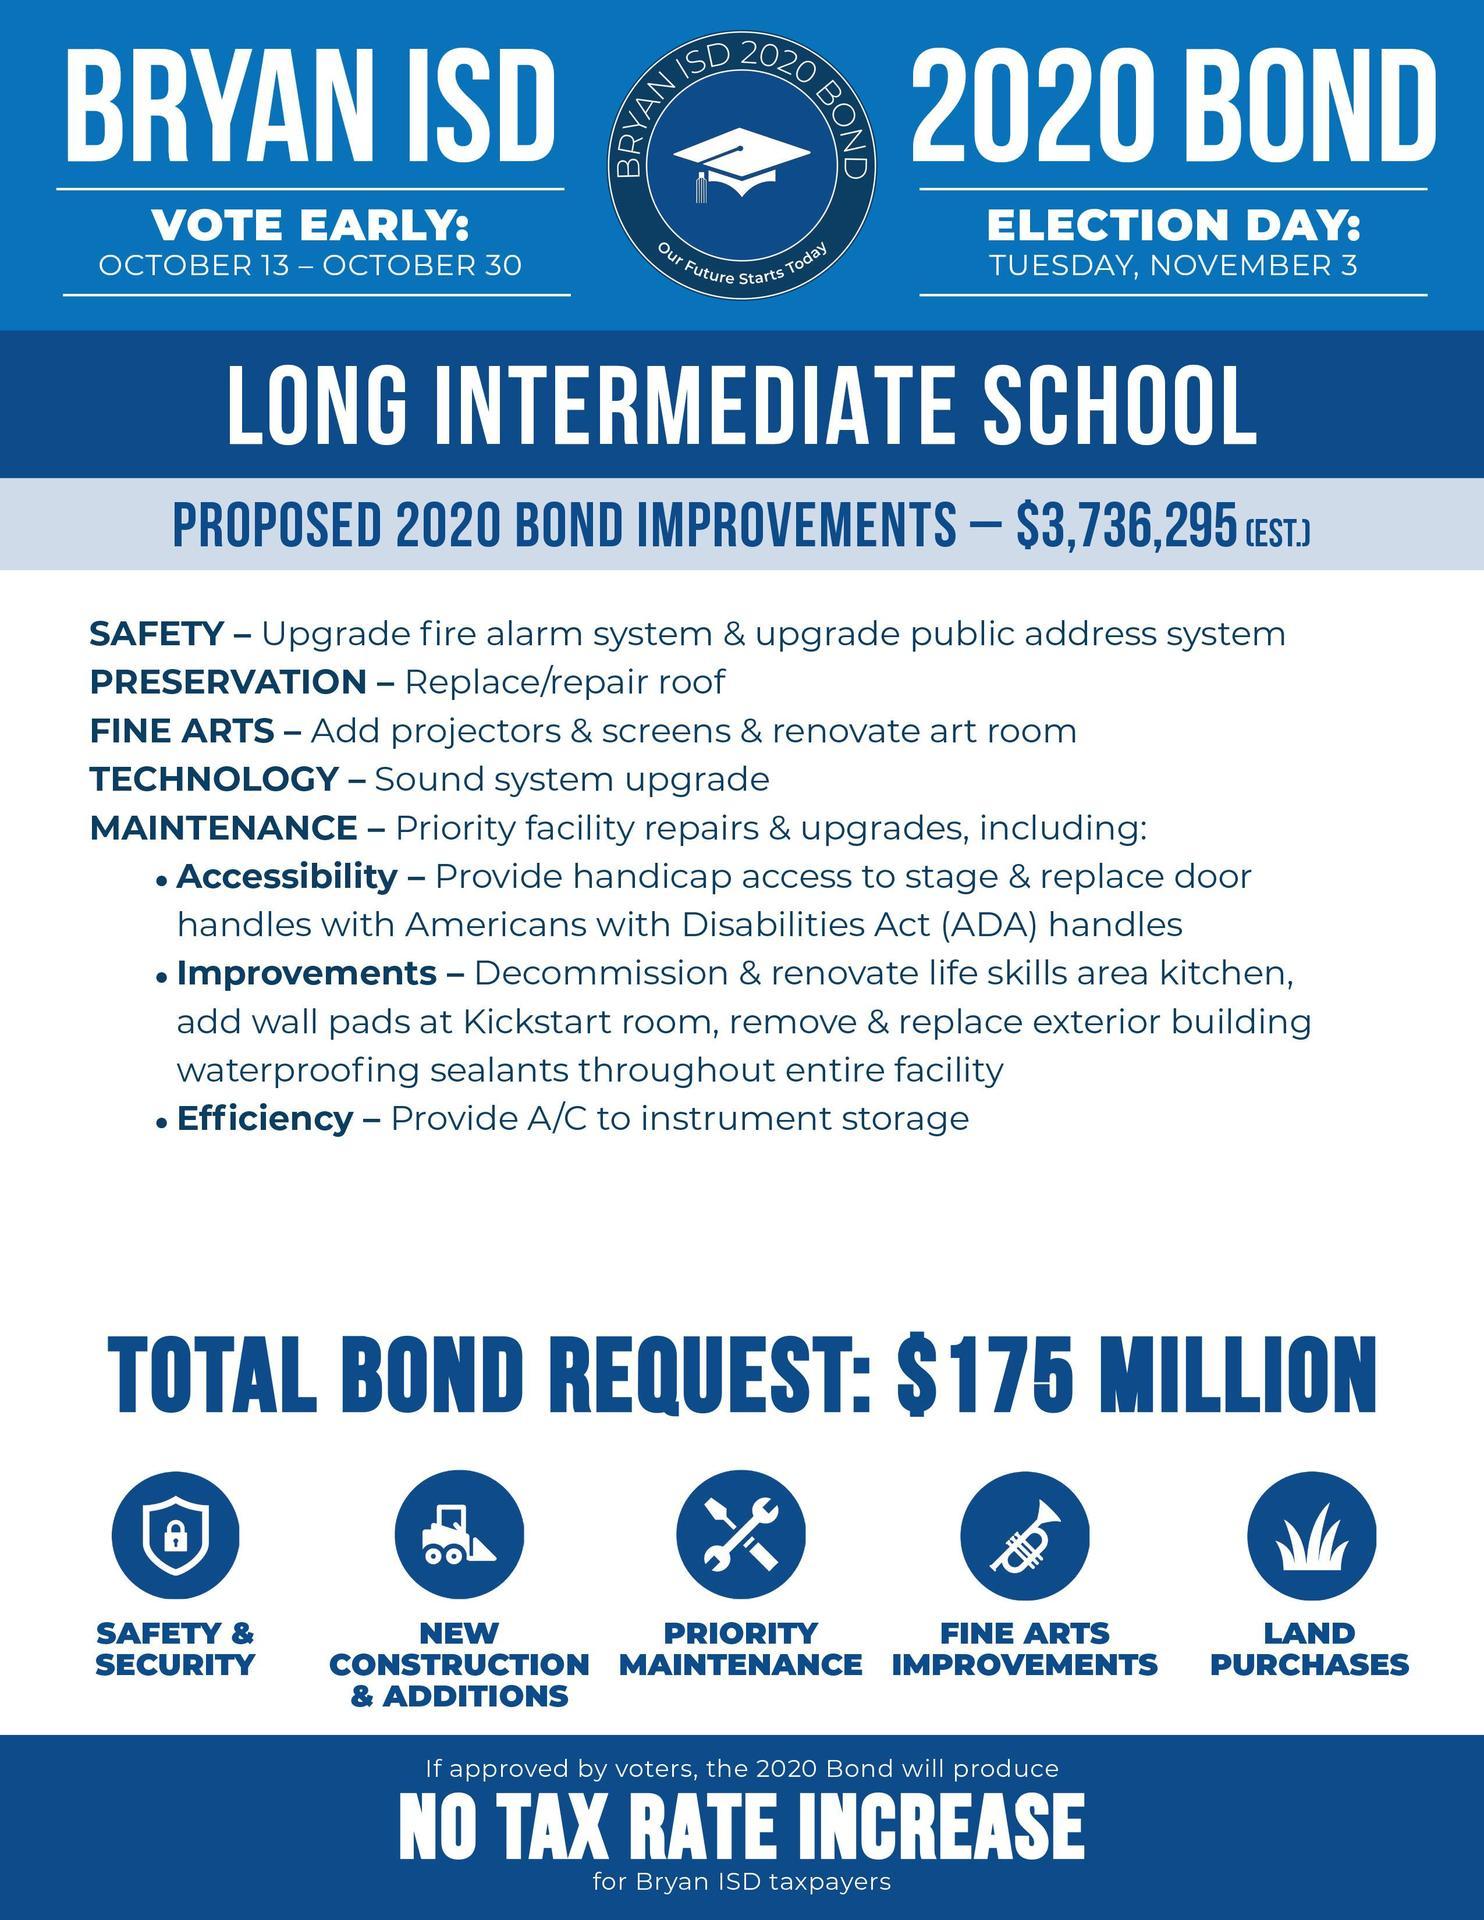 Long Intermediate School Bond Information